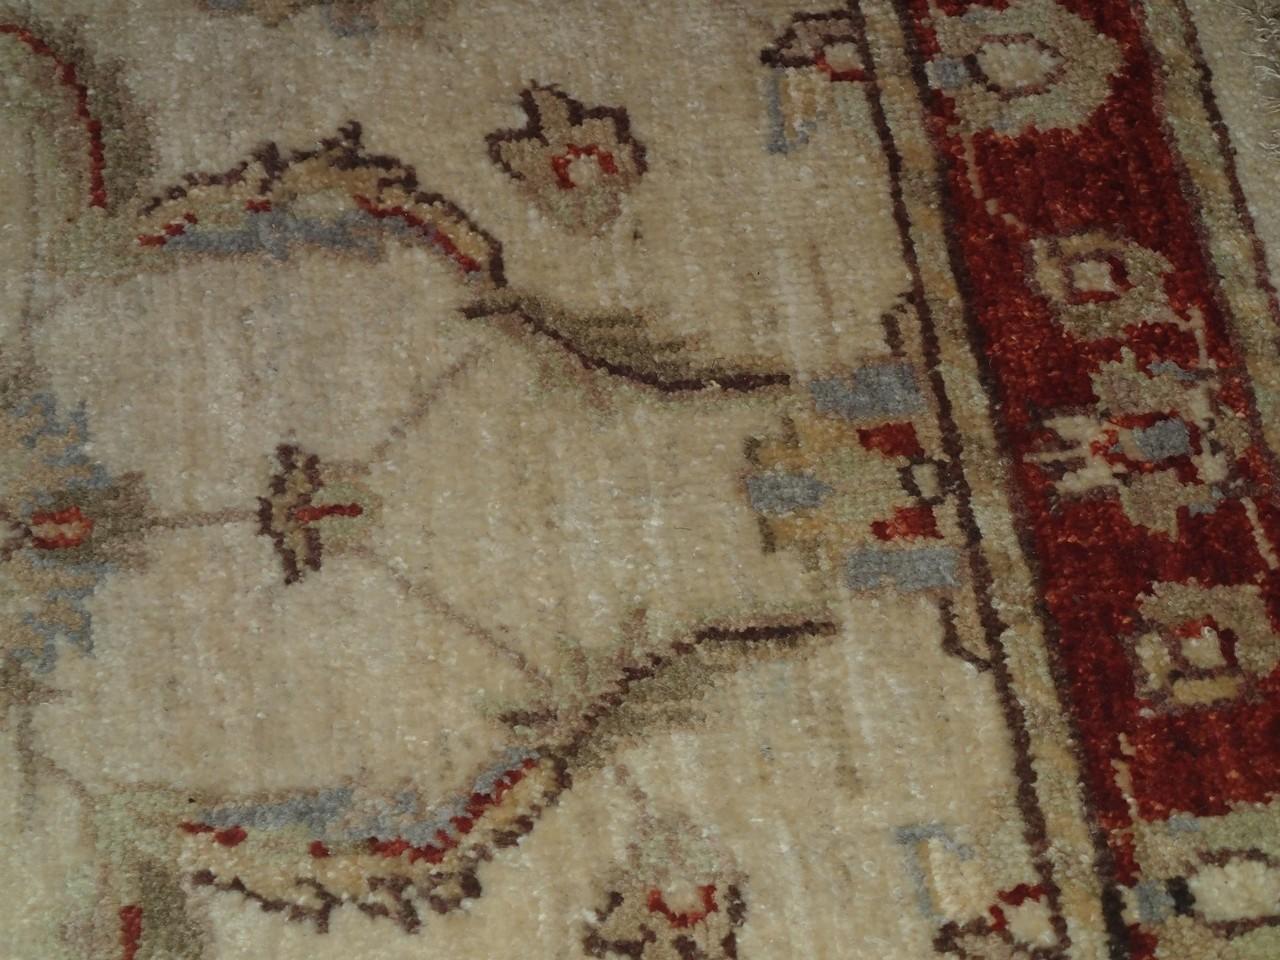 flecken im teppich flecken mit hausmitteln aus teppichen entfernen with flecken im teppich. Black Bedroom Furniture Sets. Home Design Ideas